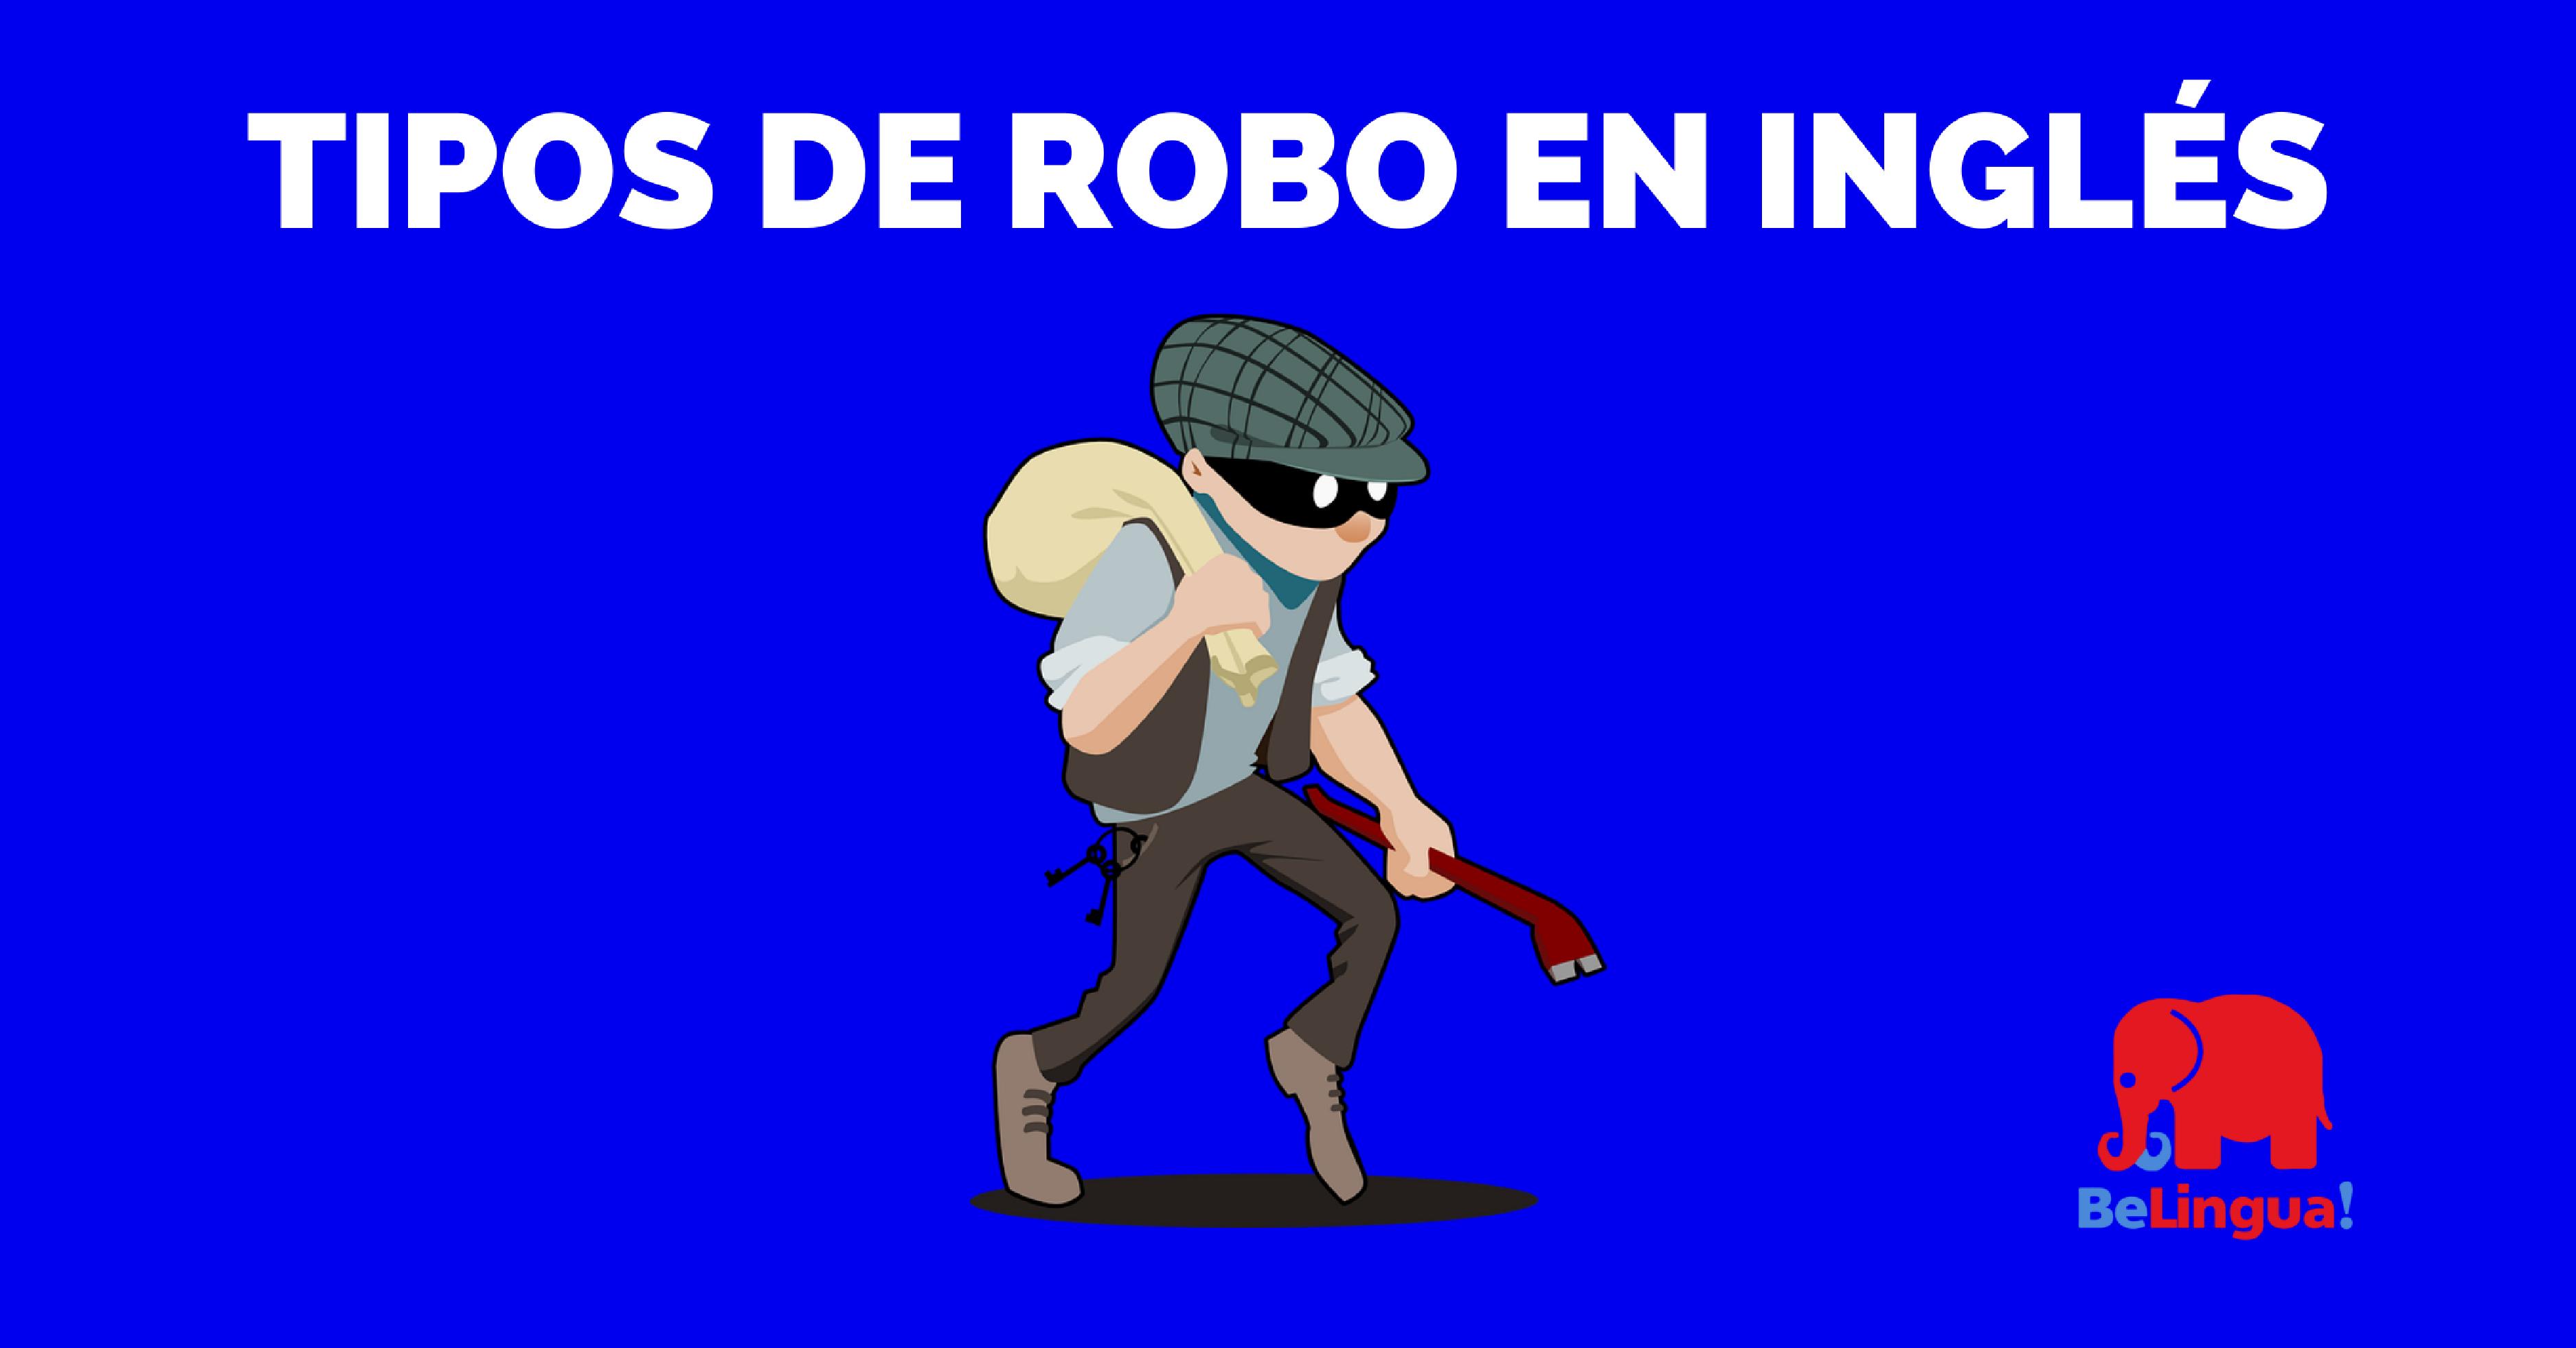 Tipos de robo en inglés - Academia de Idiomas BeLingua